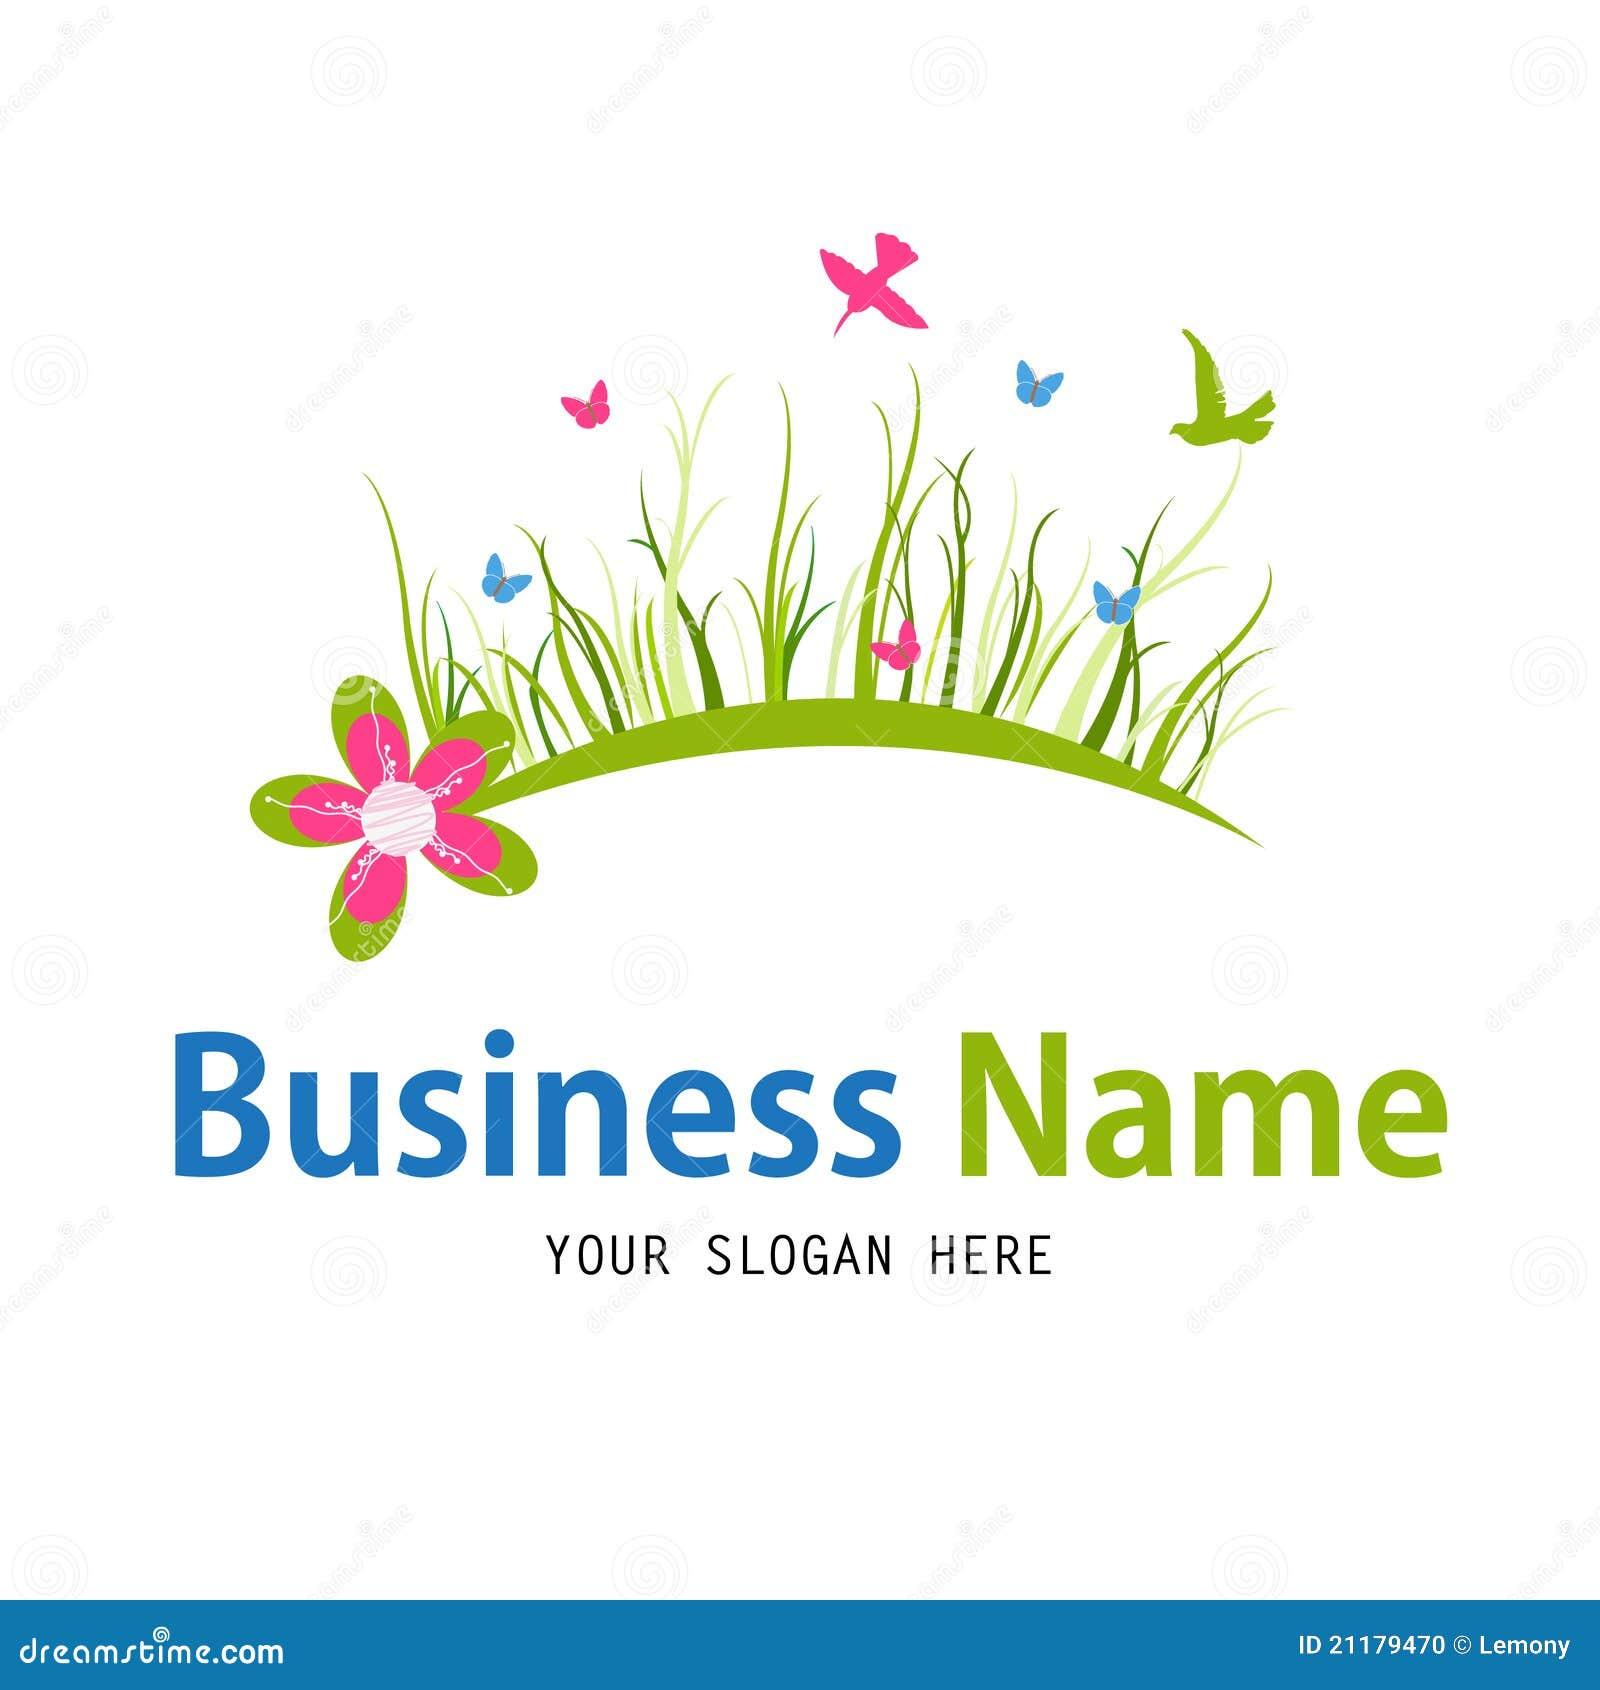 Business nature icon design